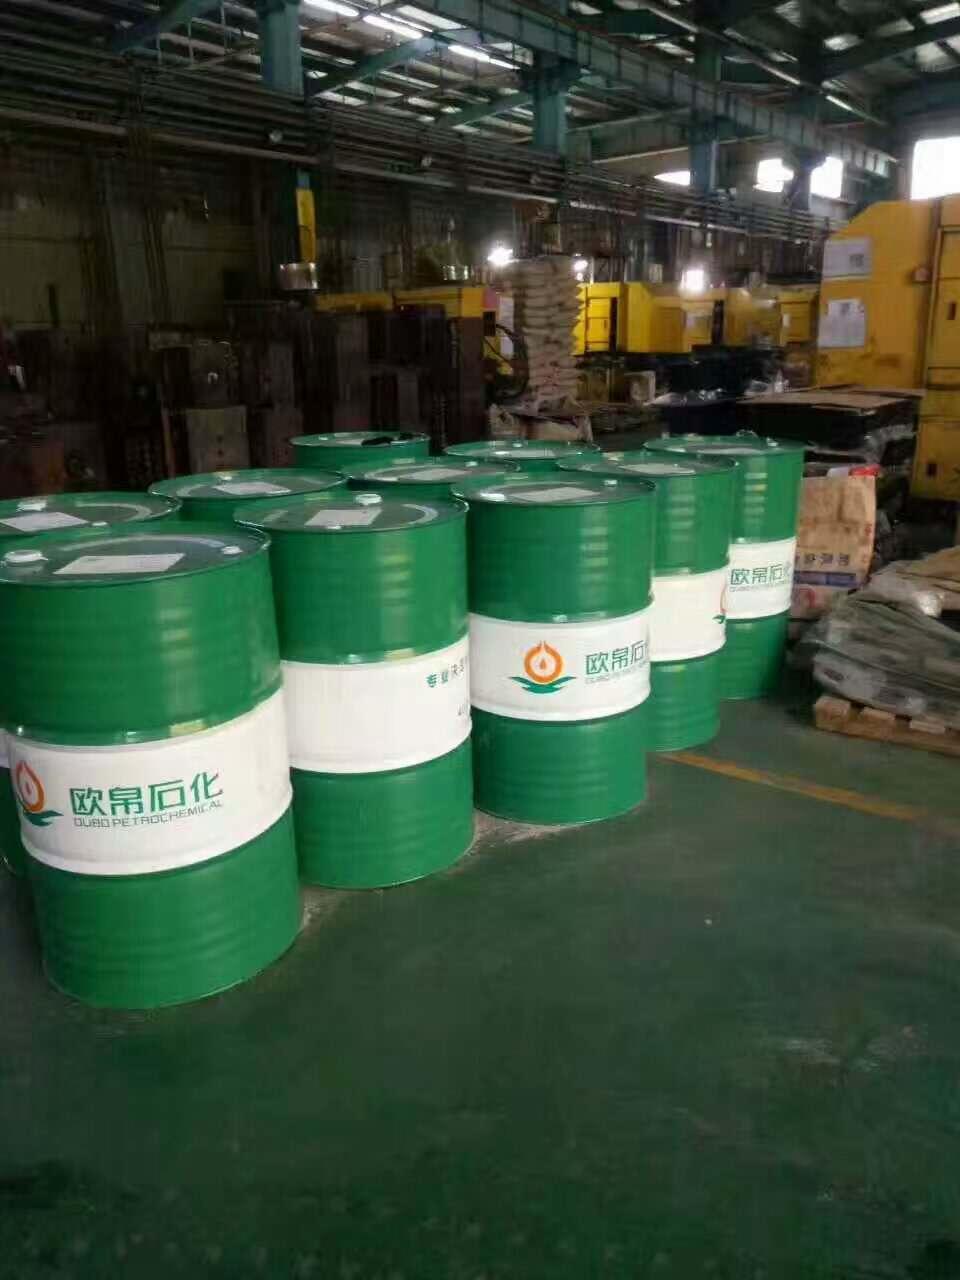 8#液力传动油 液力传动油价格 液力传动油厂家 8#液力传动油批发